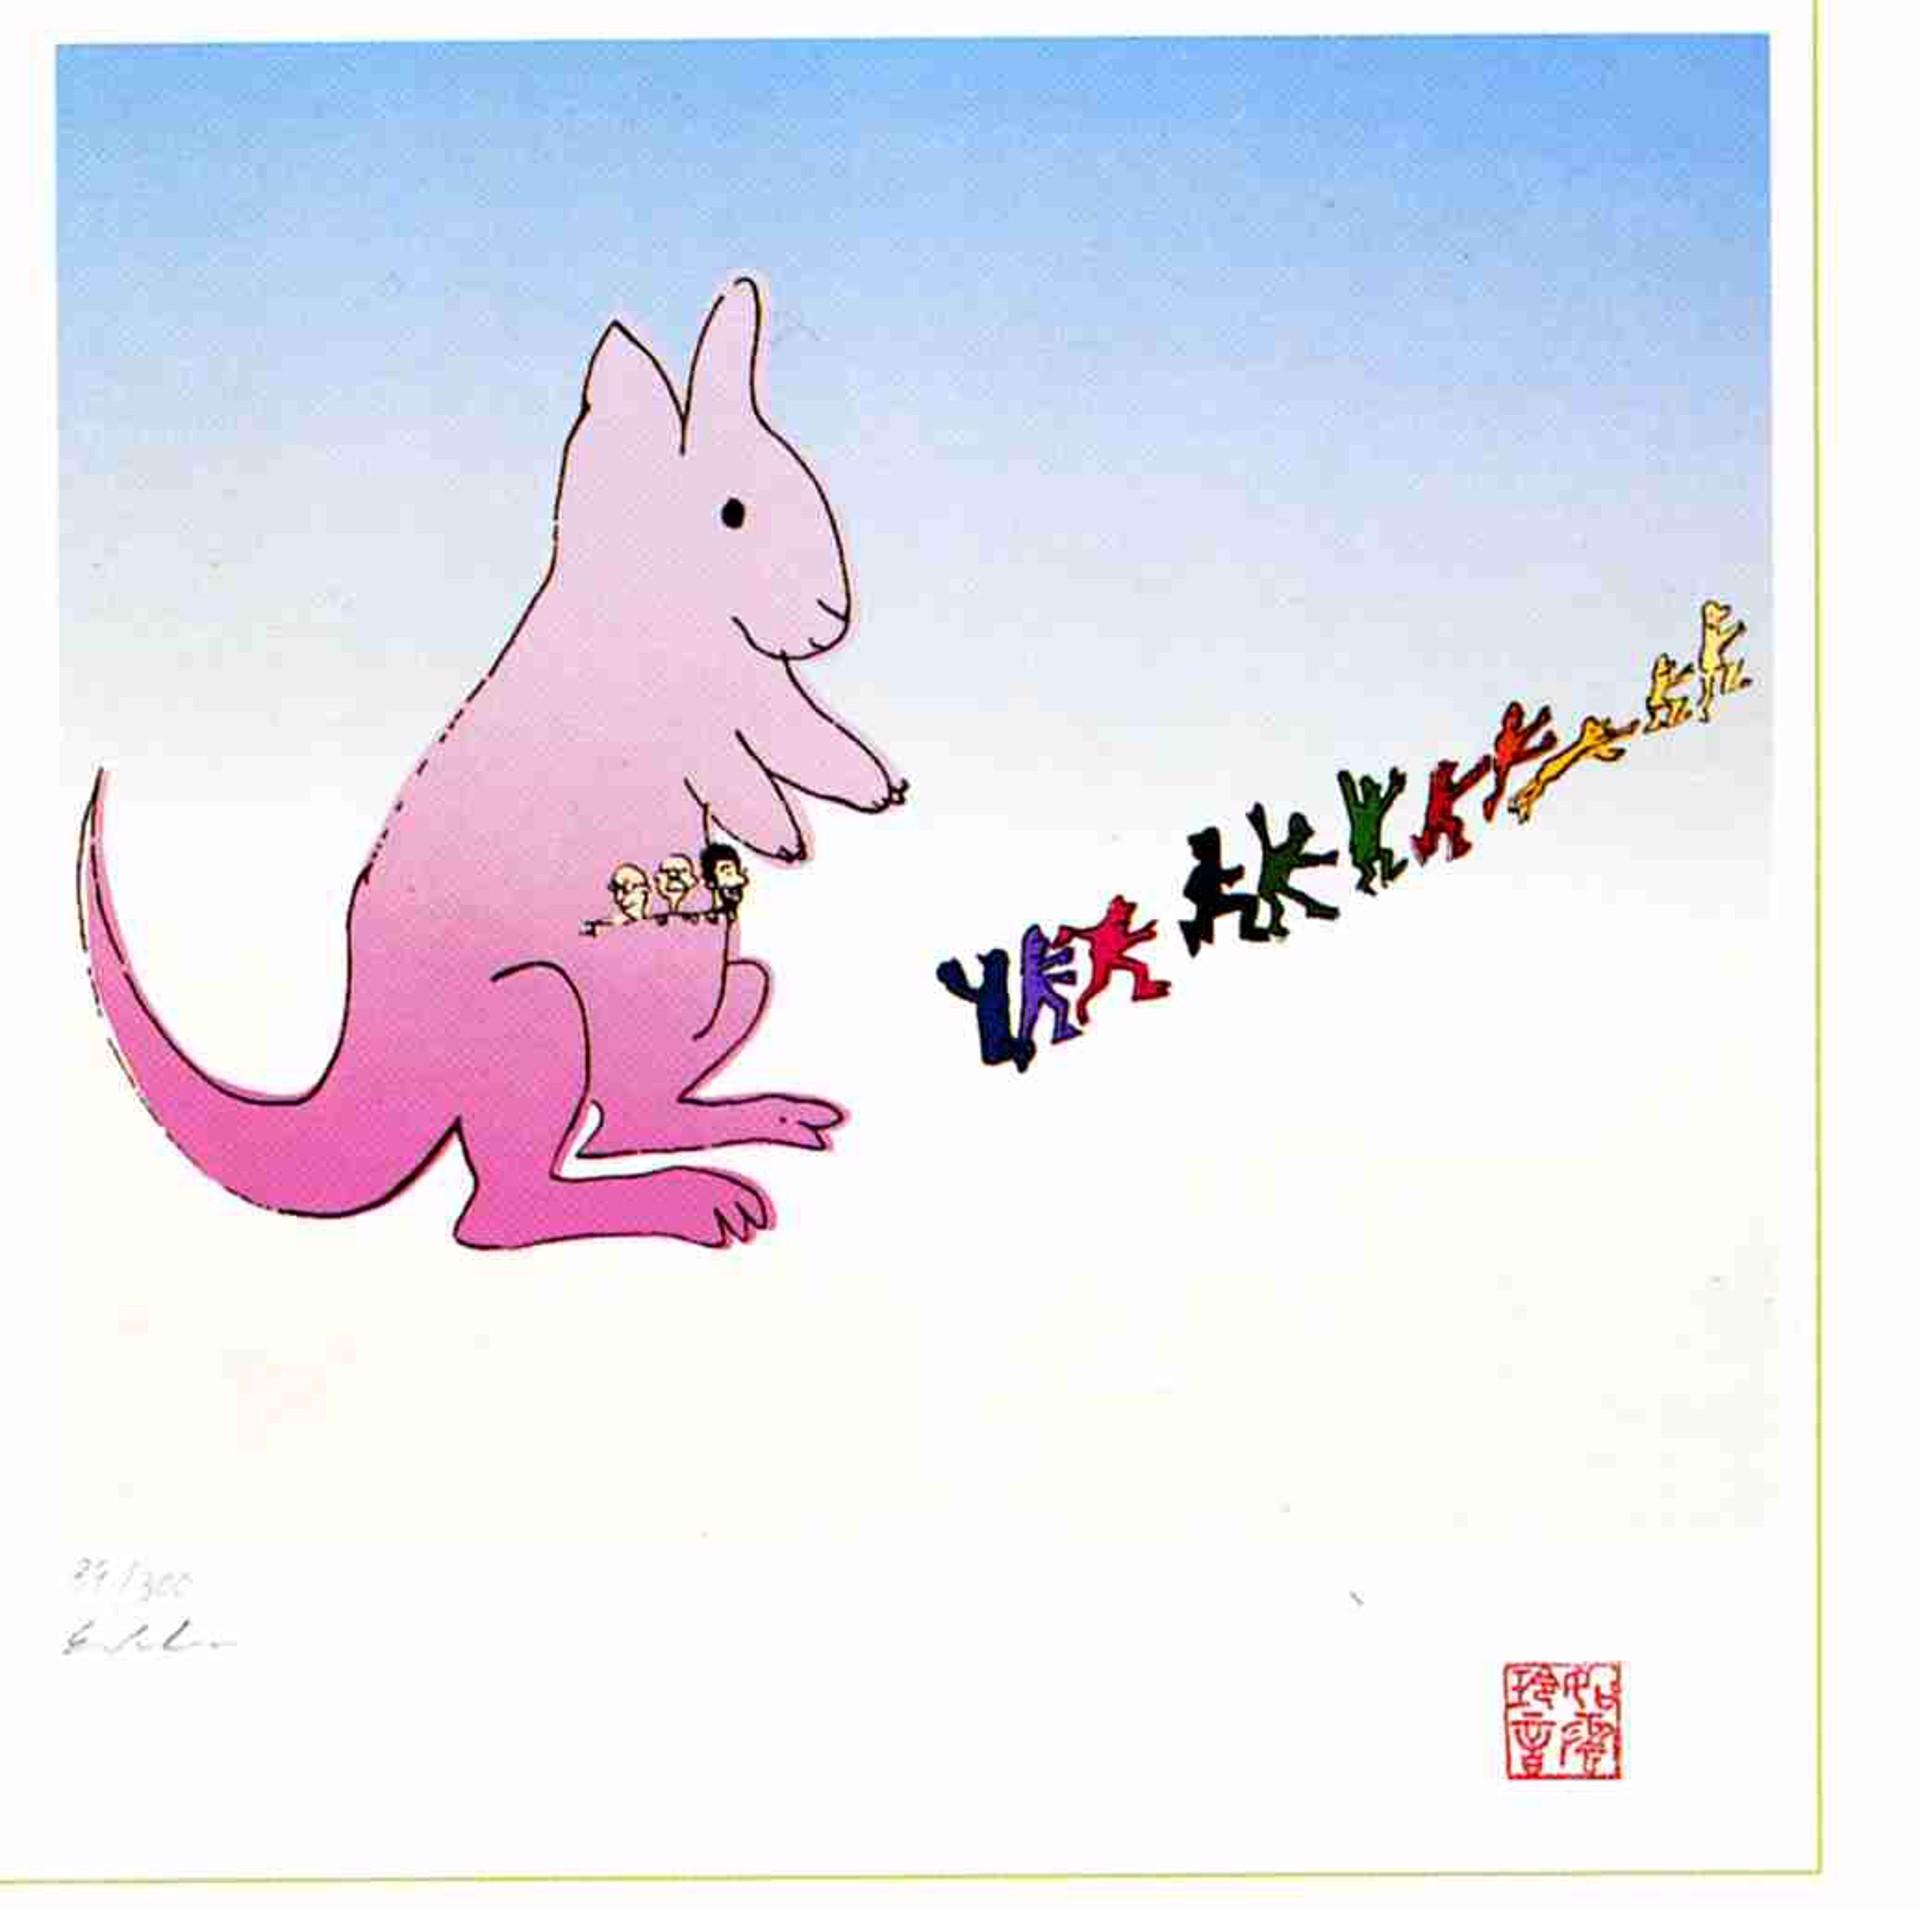 Kangaroo by John Lennon